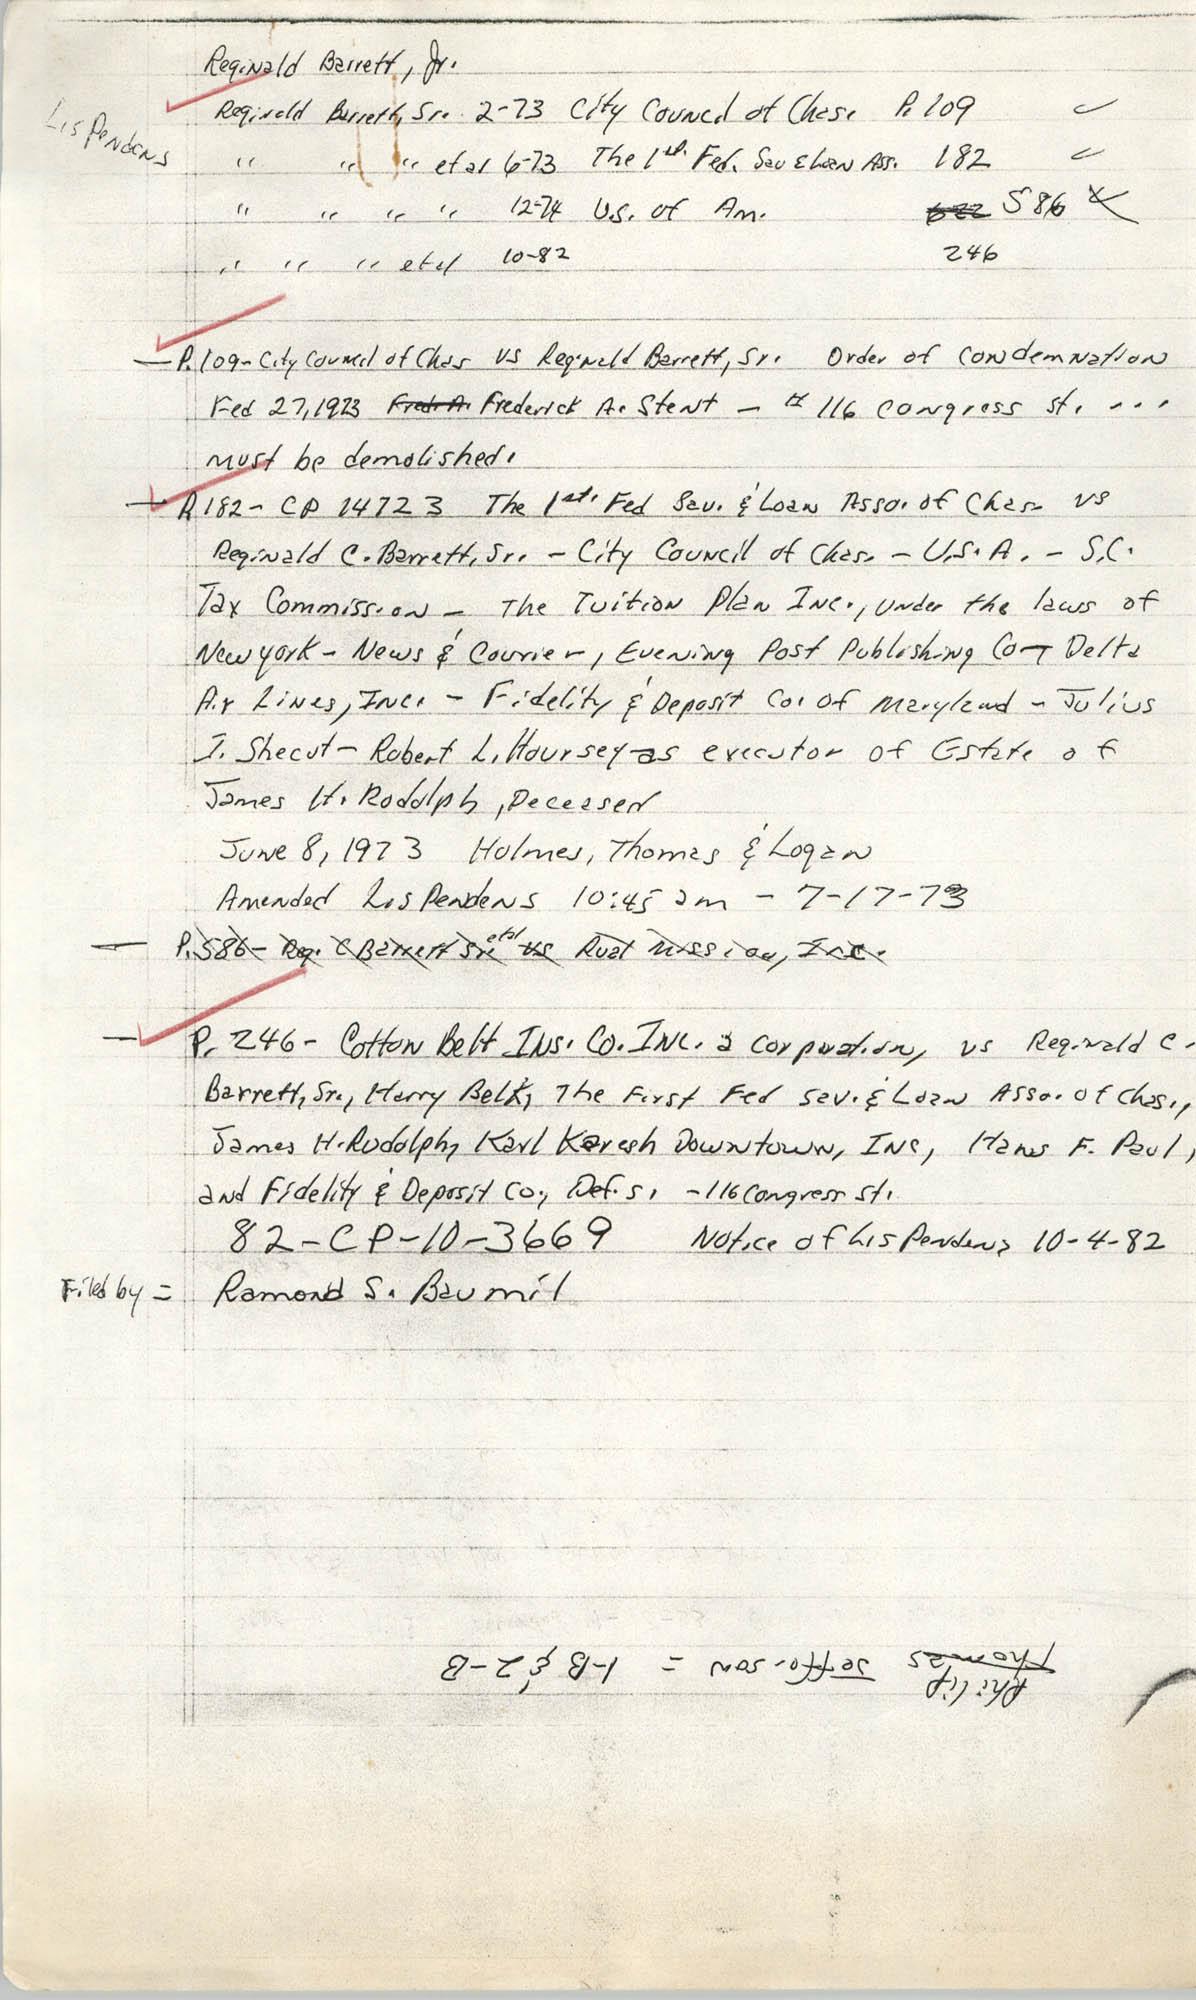 Legal notes,  Cotton Belt Insurance Company vs. Reginald C. Barrett Sr., et al.